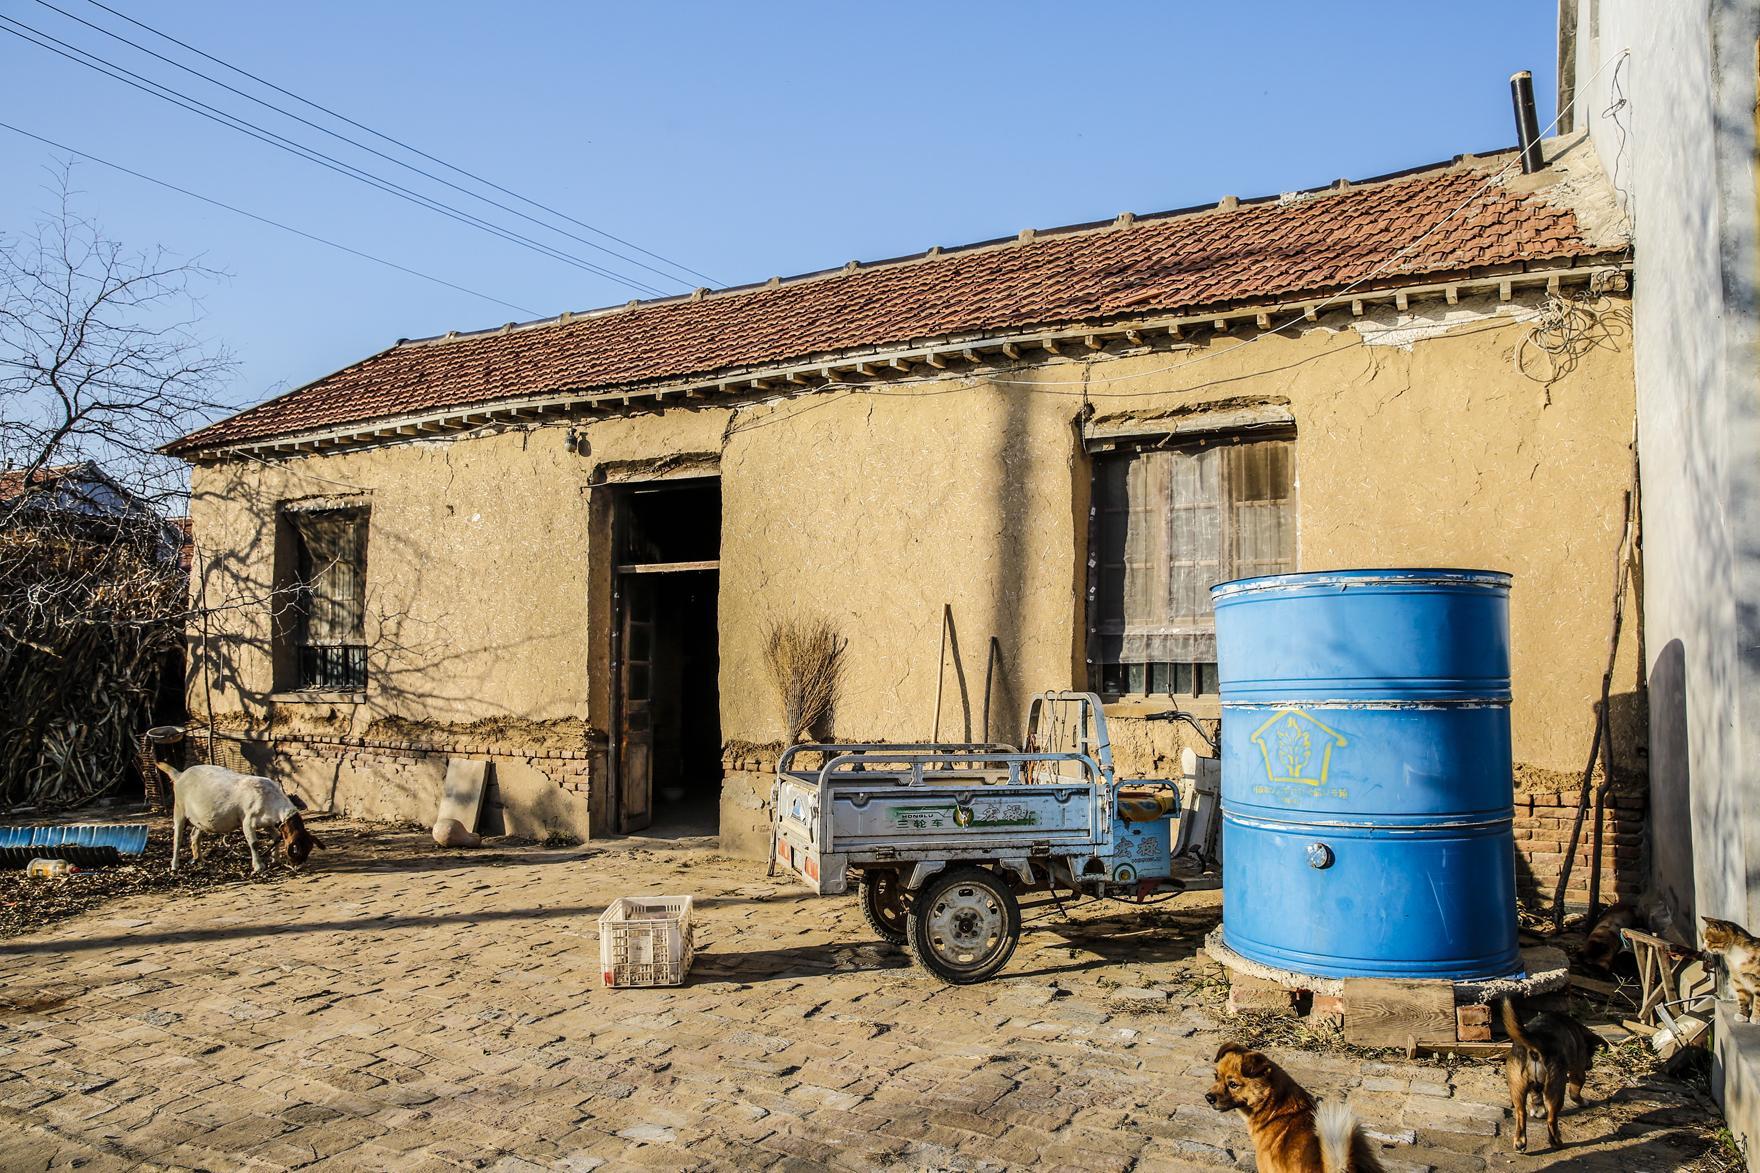 图片上北方农村的土房子住着一位95岁的老奶奶.